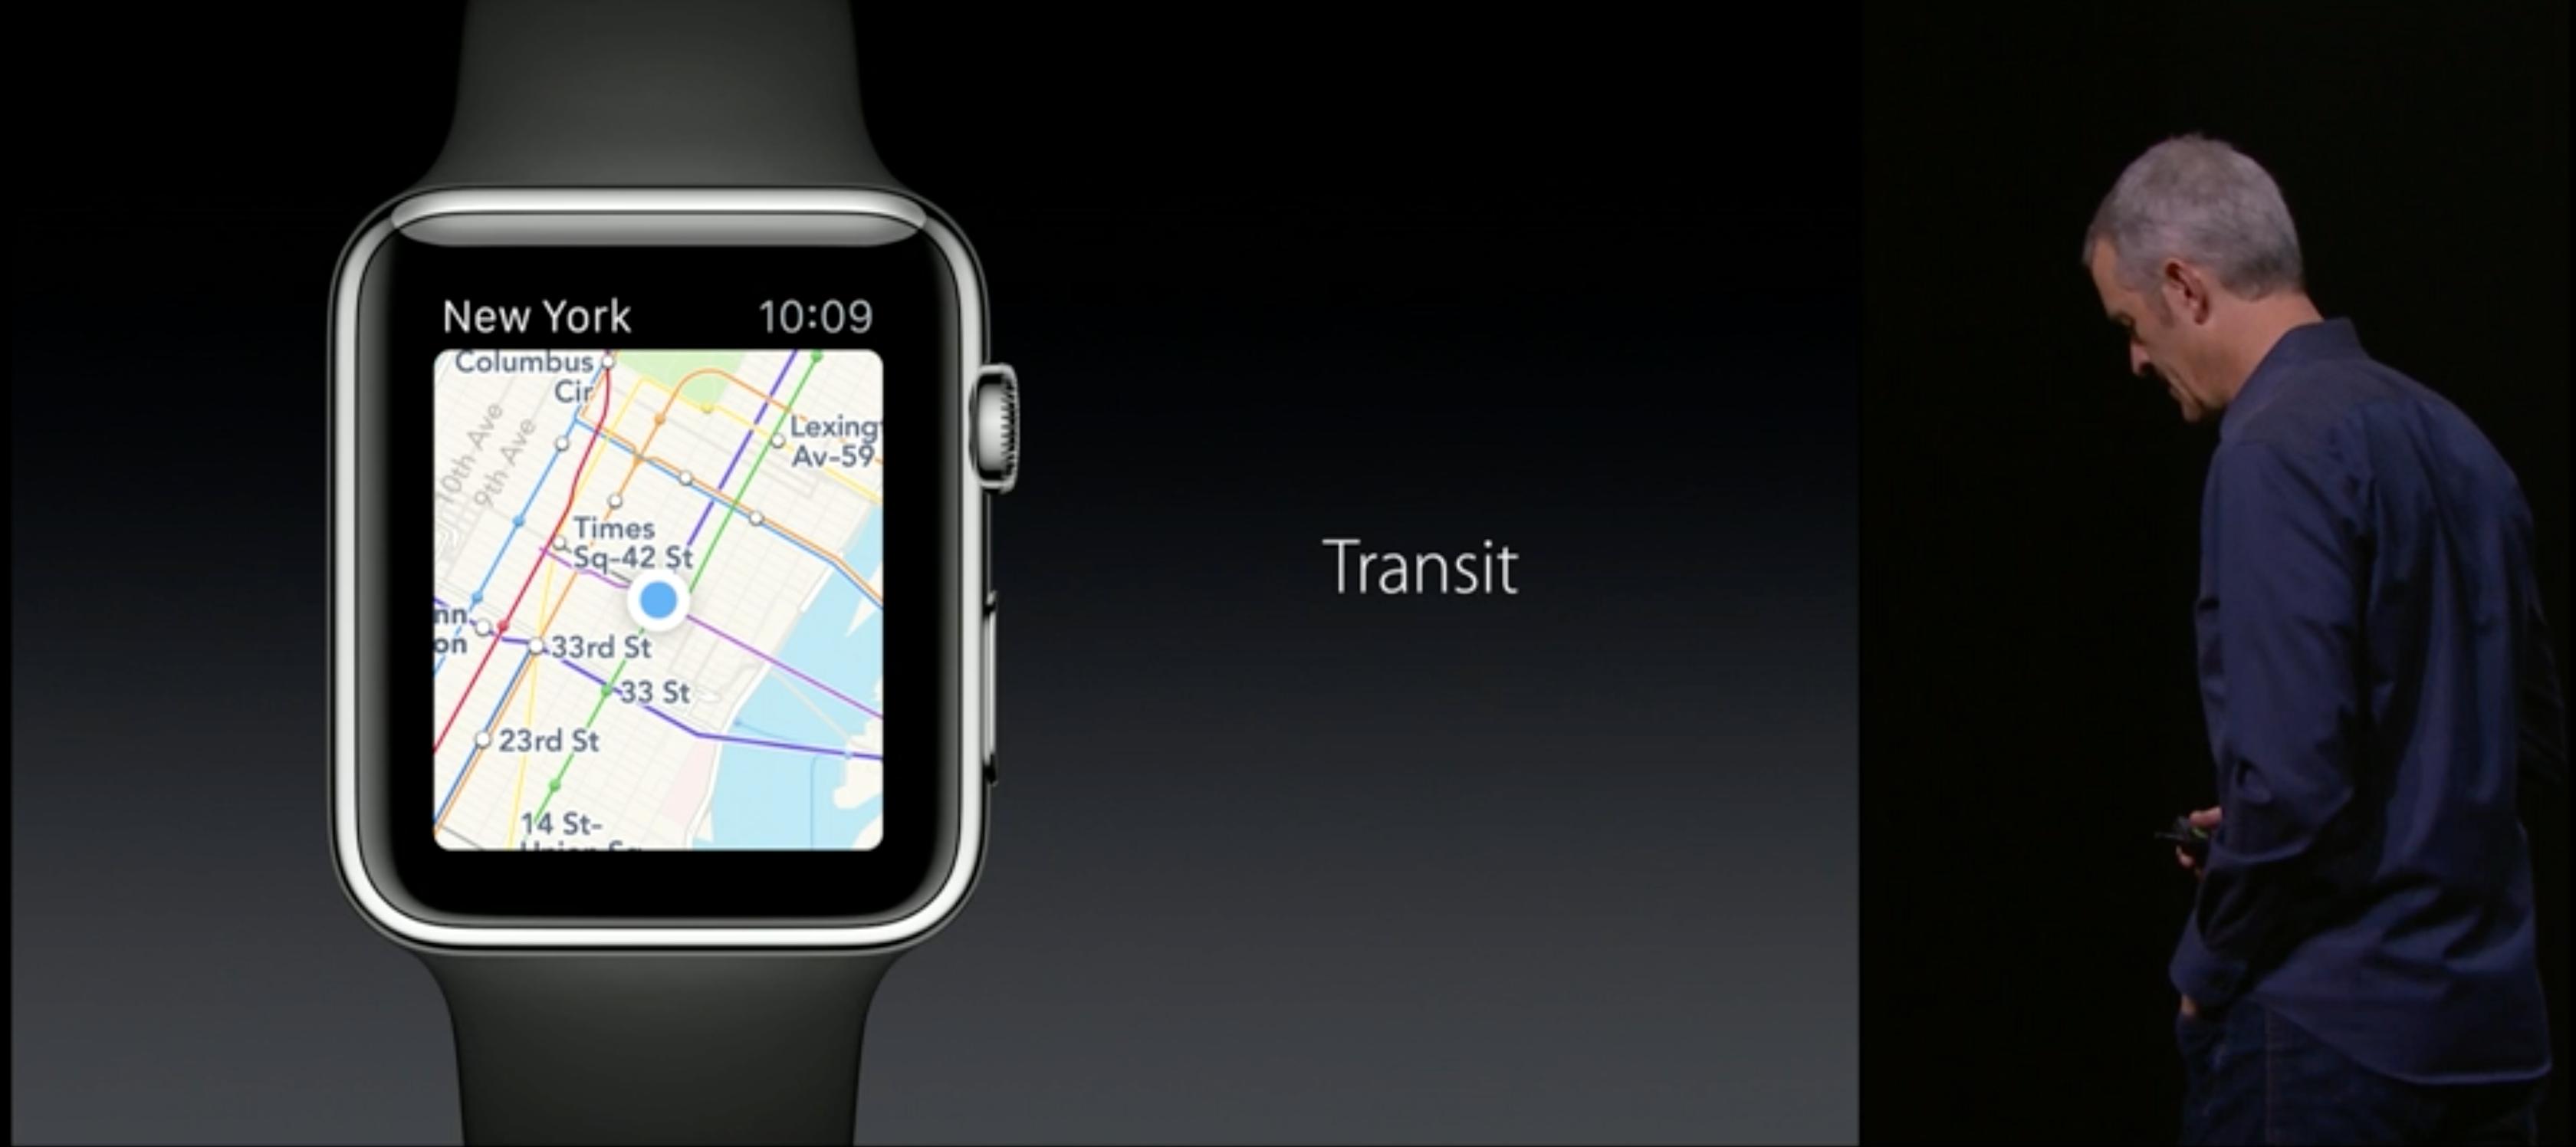 Kart-appen på klokken vil nå ha støtte for kollektiv-trafikk.